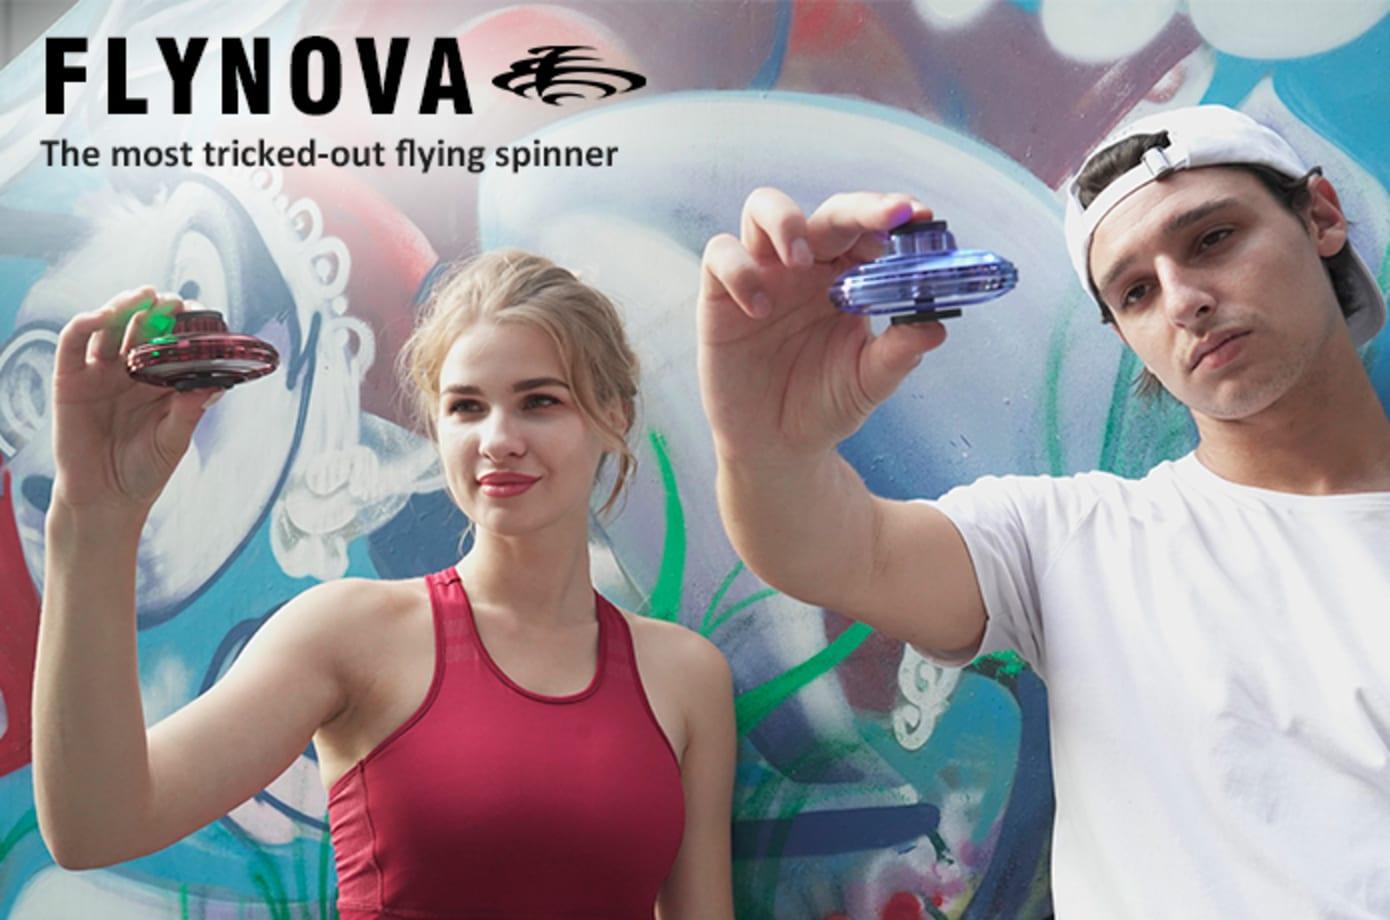 大流行の兆しあり。飛ばして当ててキャッチボールしてと様々な遊び方が生まれそうなフライング・スピナー「FlyNova」